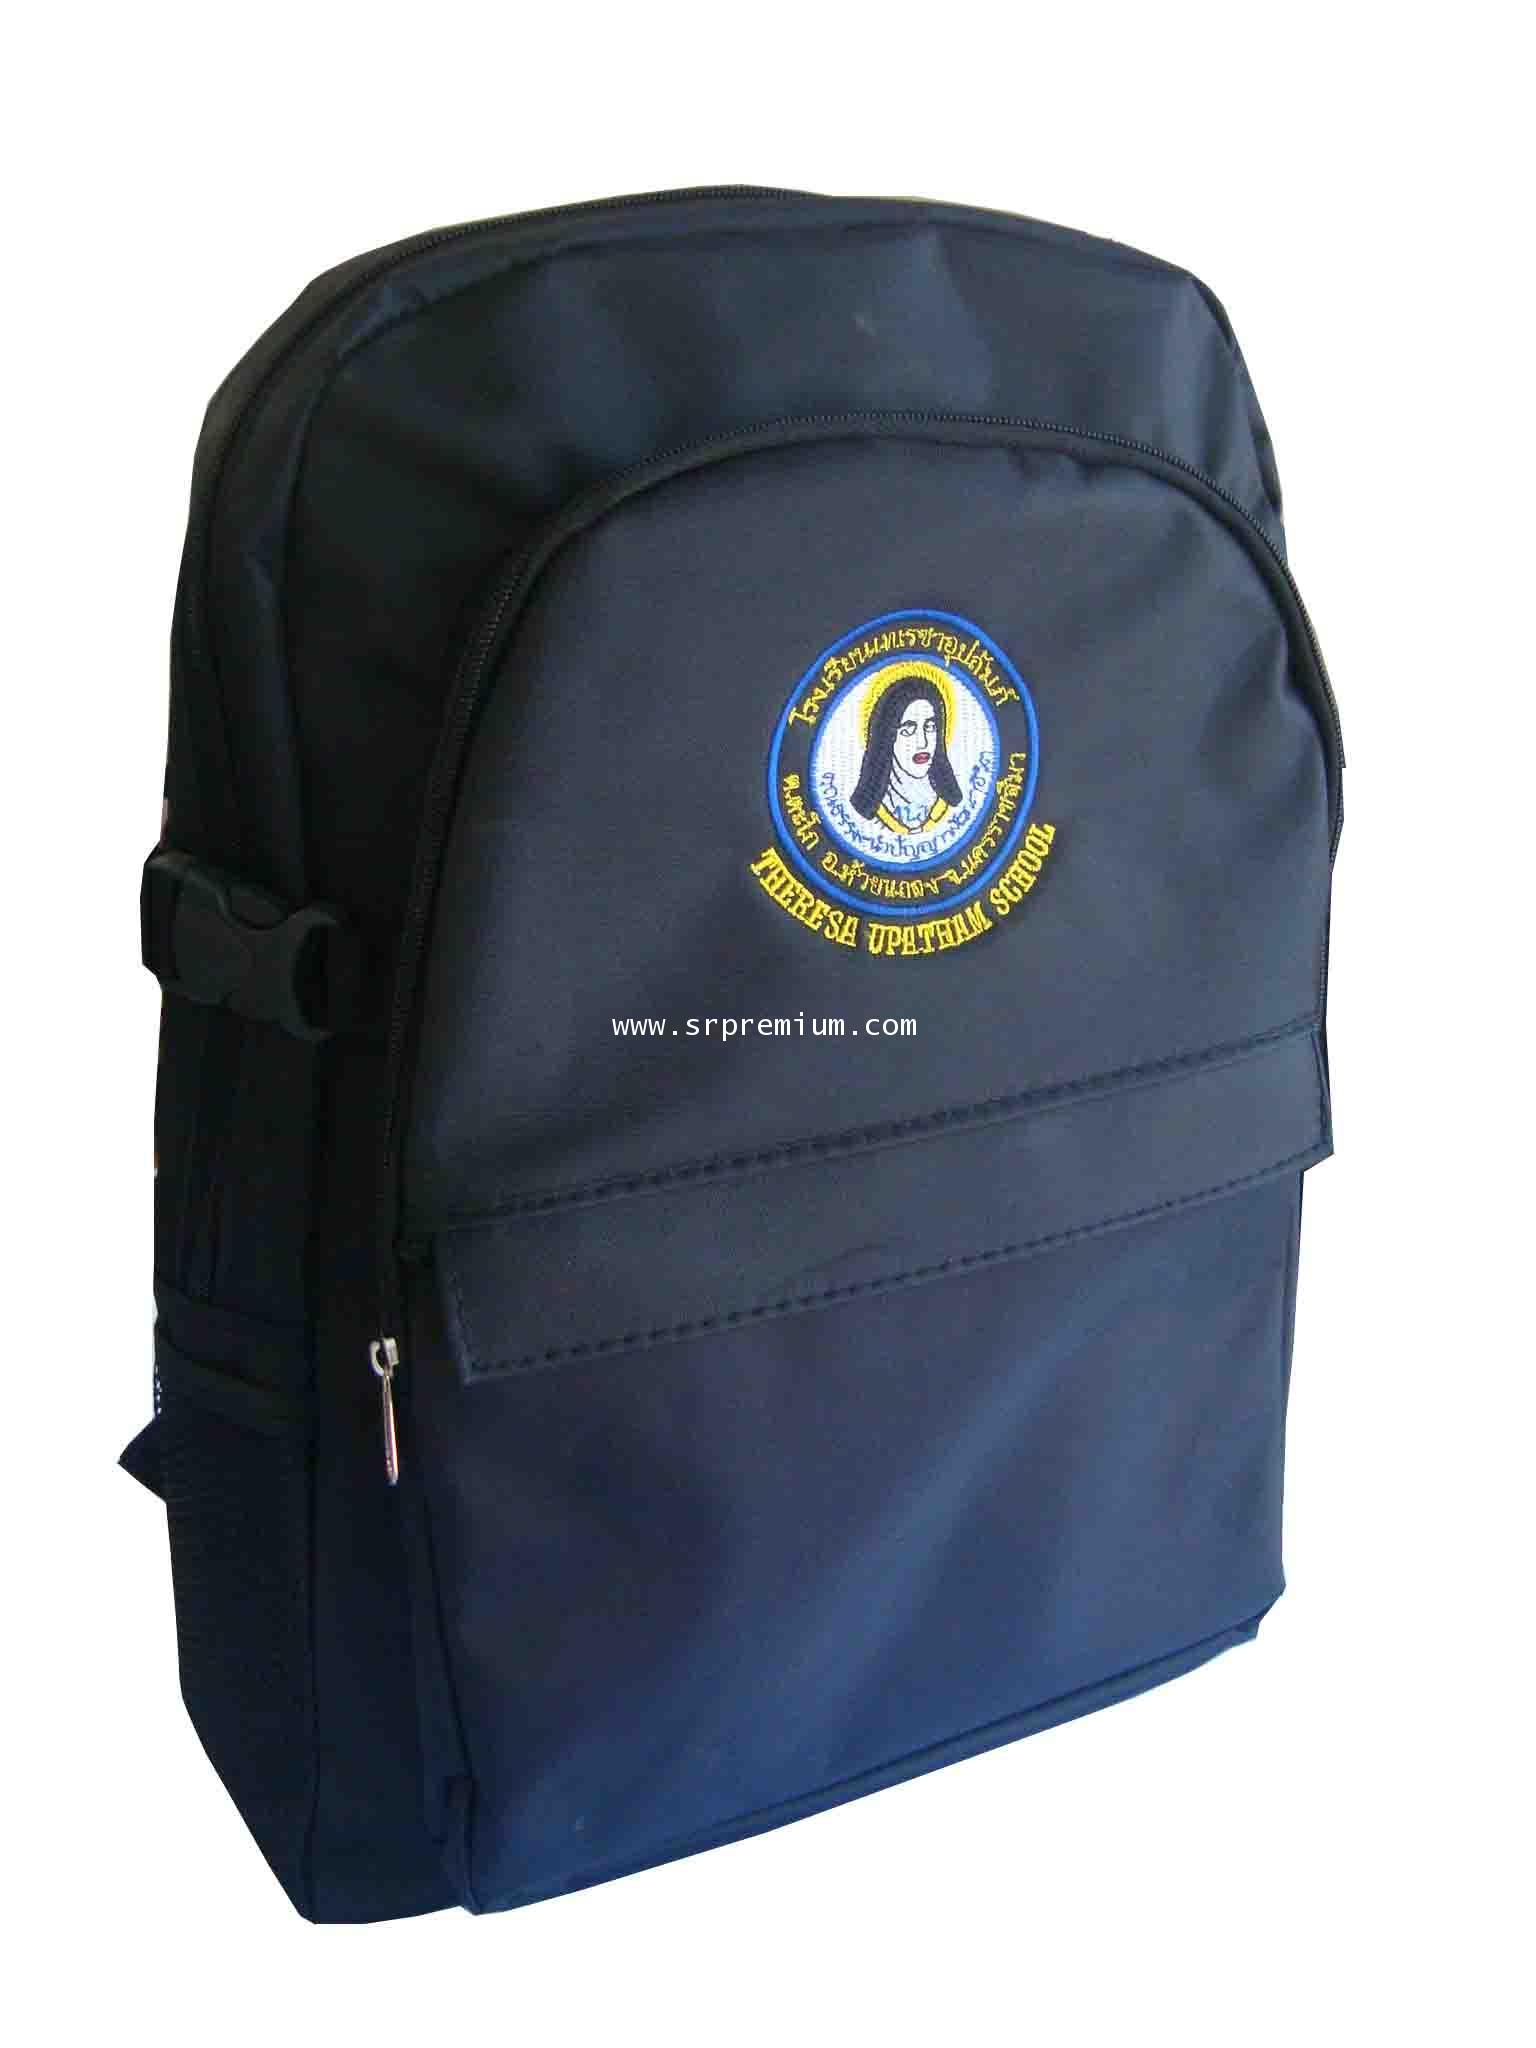 กระเป๋าเป้ เป้นักเรียน 17 นิ้ว รุ่น 02-0061 (532K6)